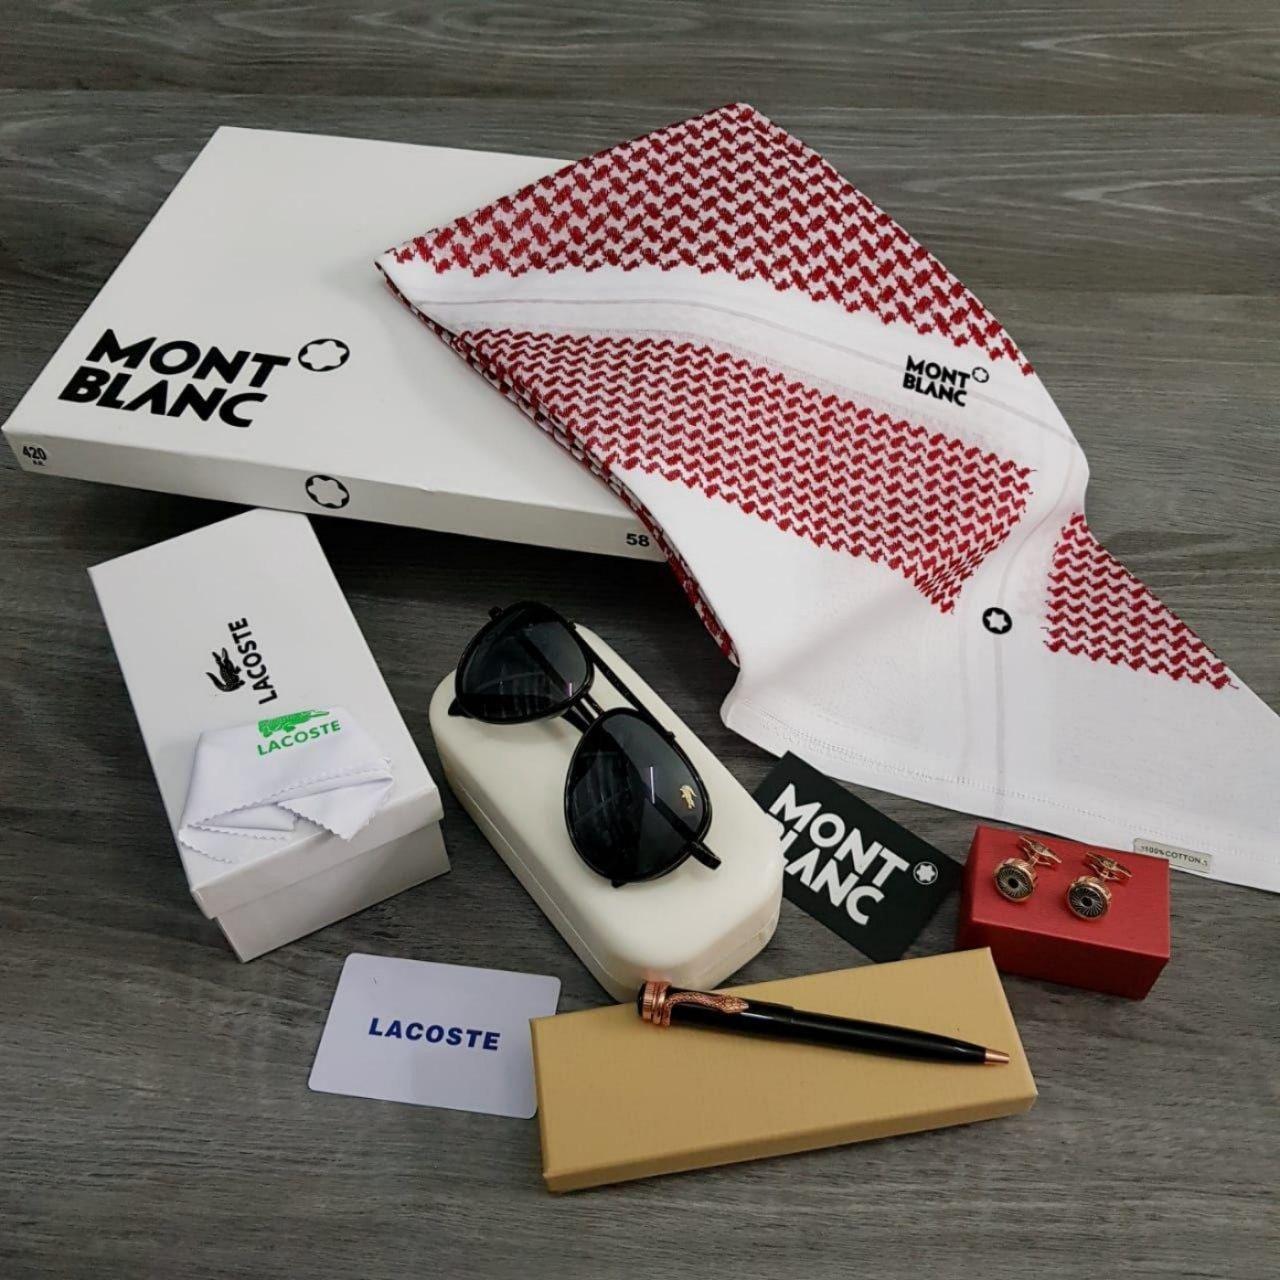 شماغ مونت بلانك فخم بمقاسات مختلفه مع نظارات و قلم و كبك هدايا هنوف Sunglasses Case Mont Blanc Sunglasses